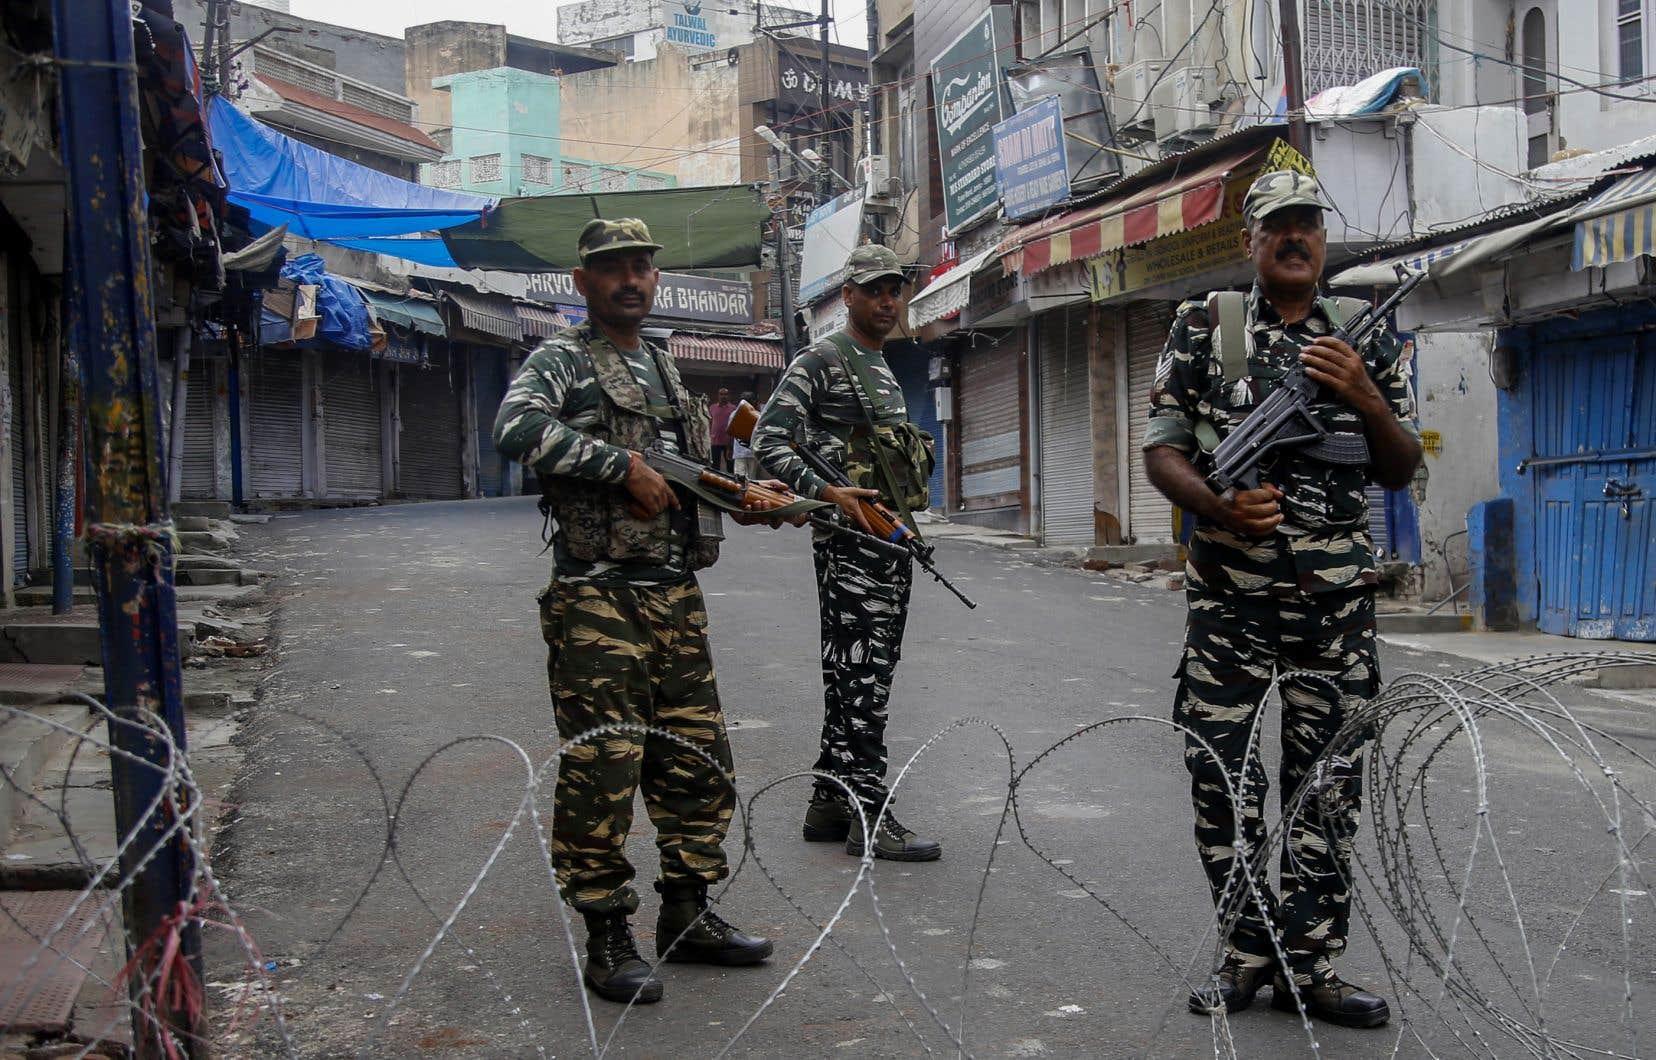 Des dizaines de milliers de soldats indiens supplémentaires ont été envoyés dans la région ces derniers jours.